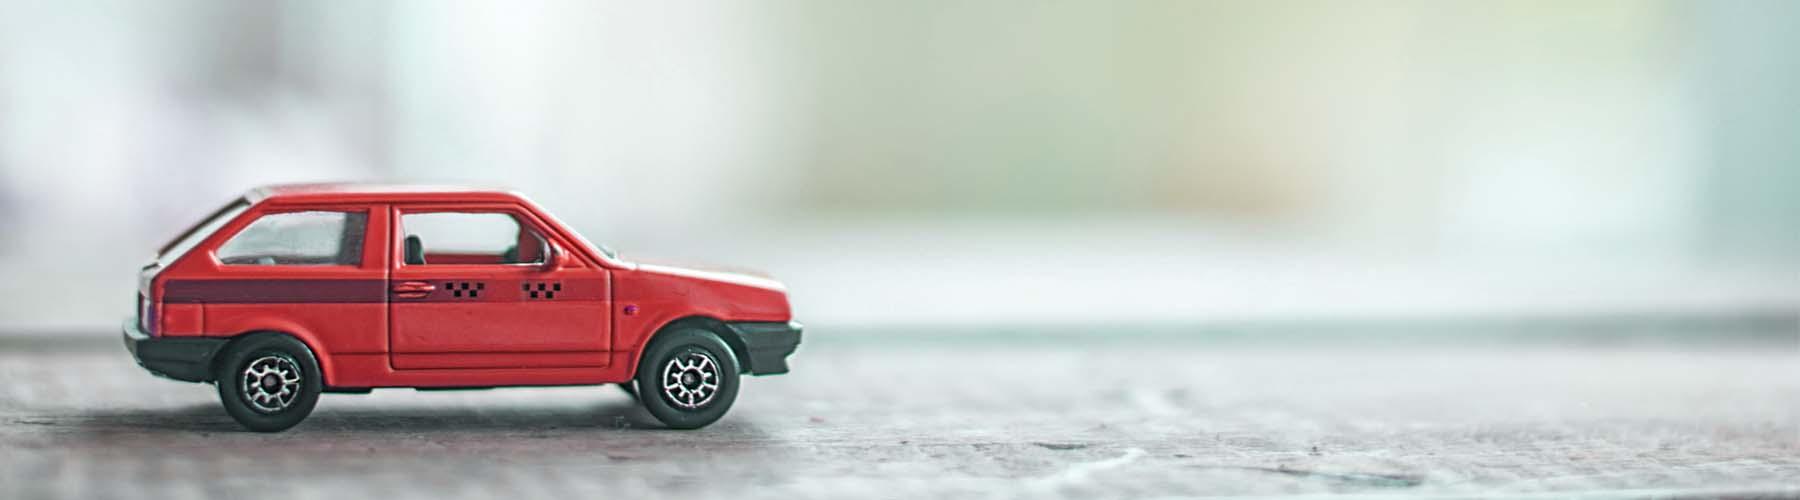 Modellauto Fahrschule Tenten